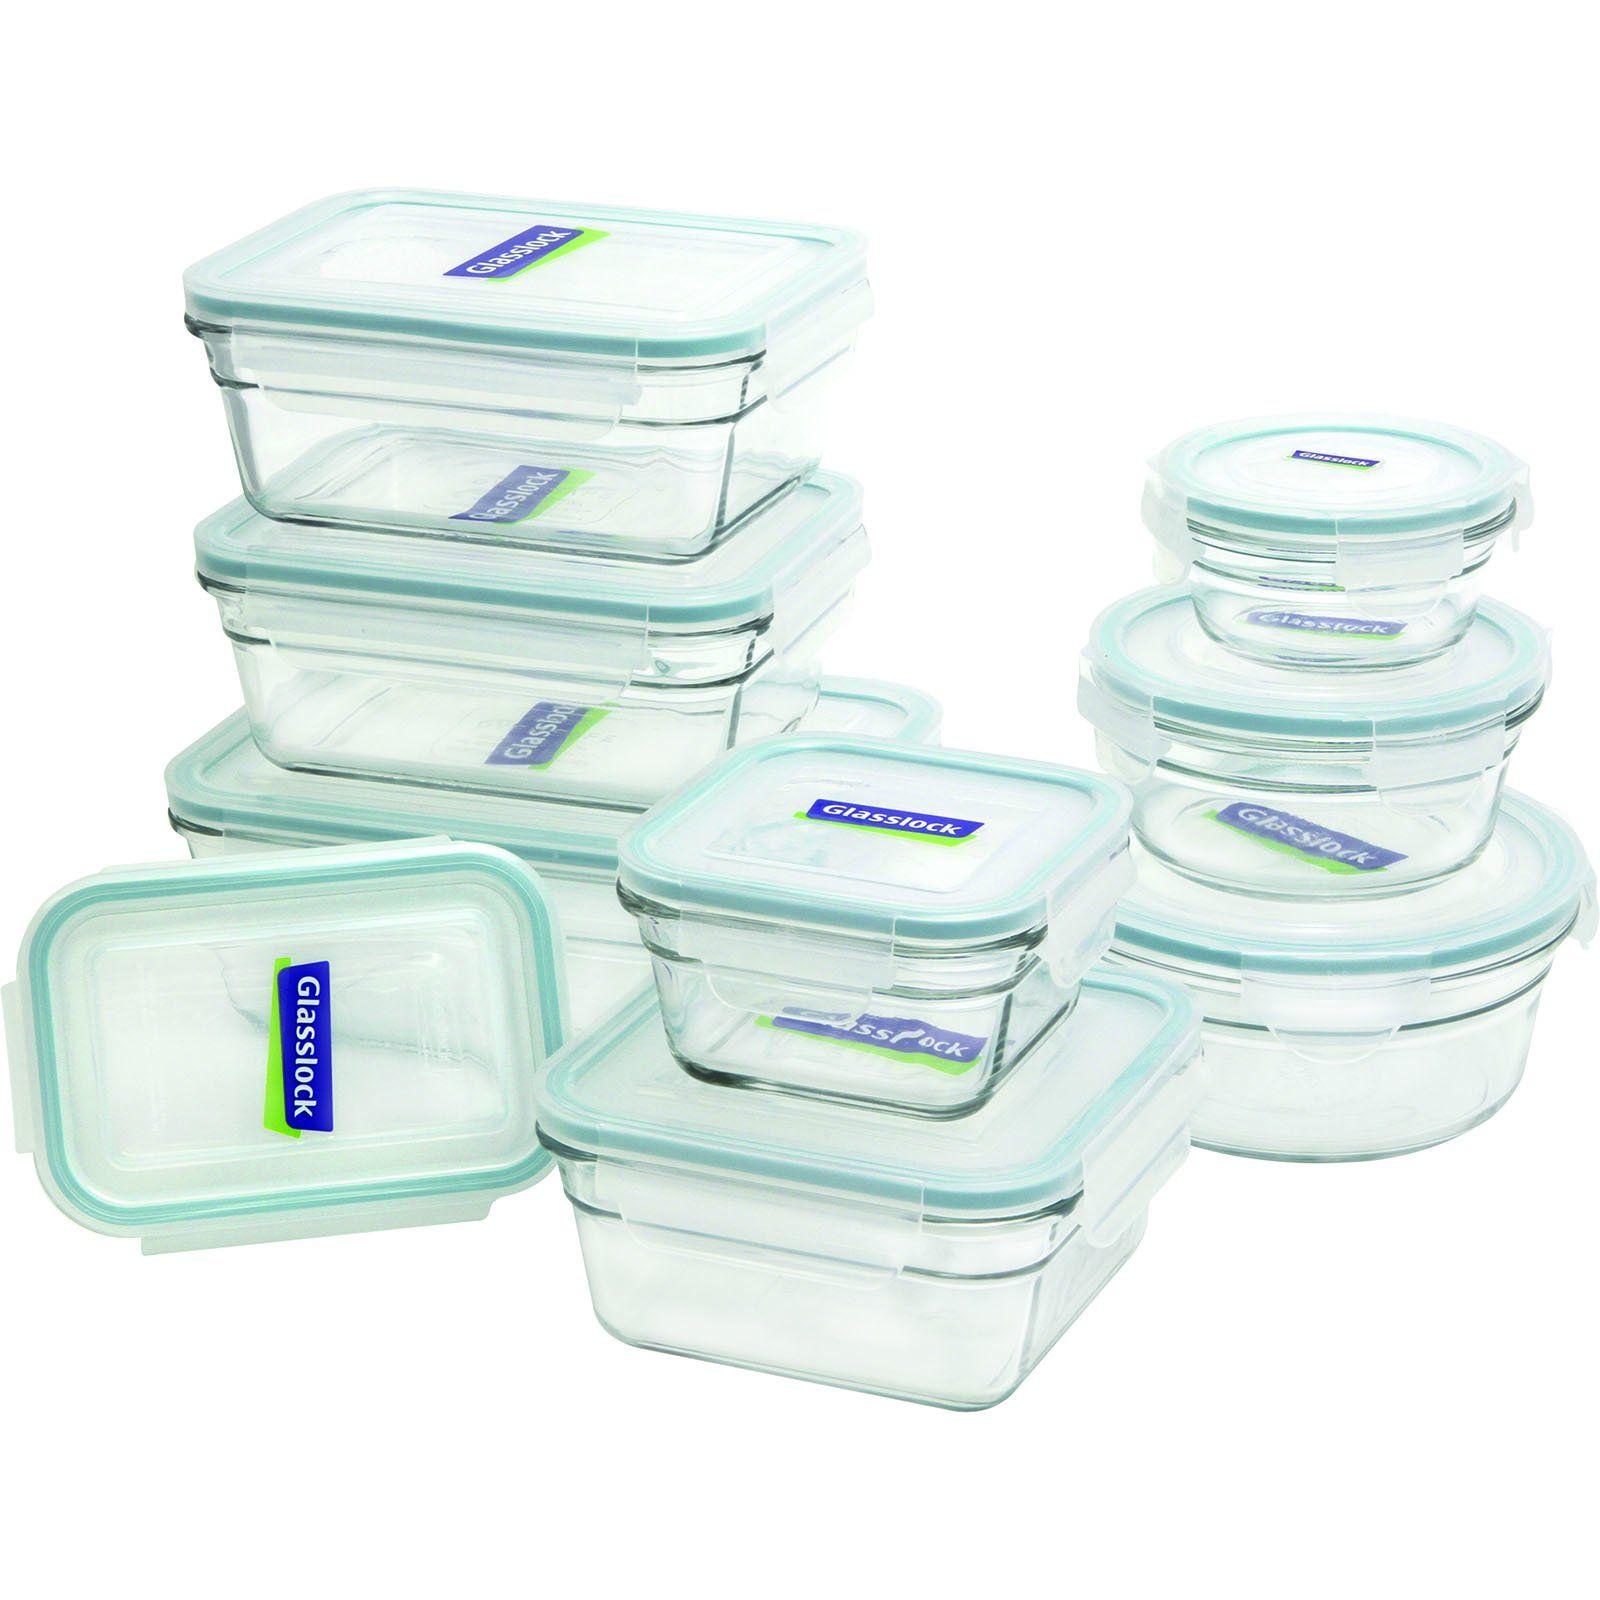 Küchen Aufbewahrungsbehälter glasslock 18 assorted oven safe container set list